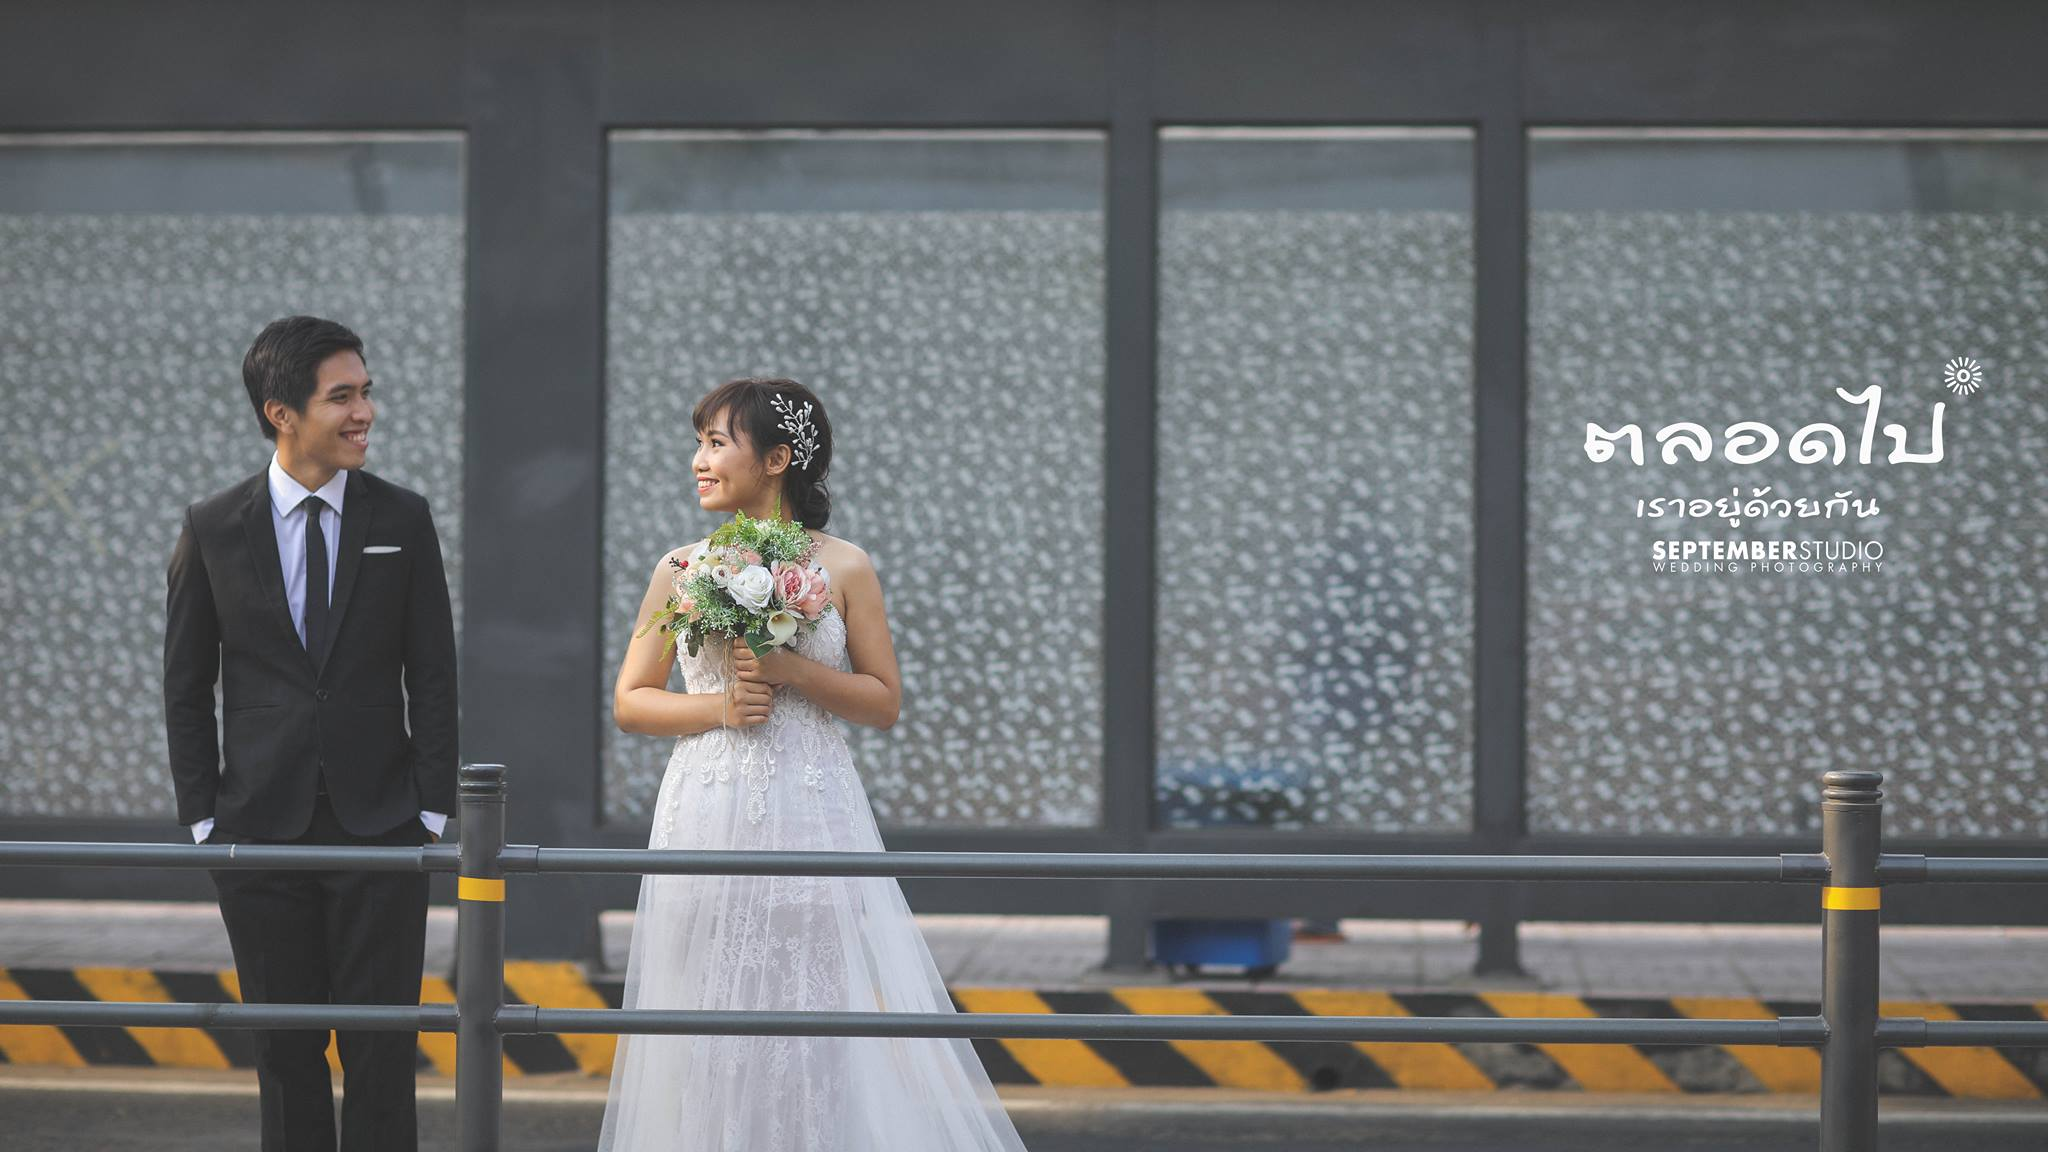 Pre wedding Sài gòn September